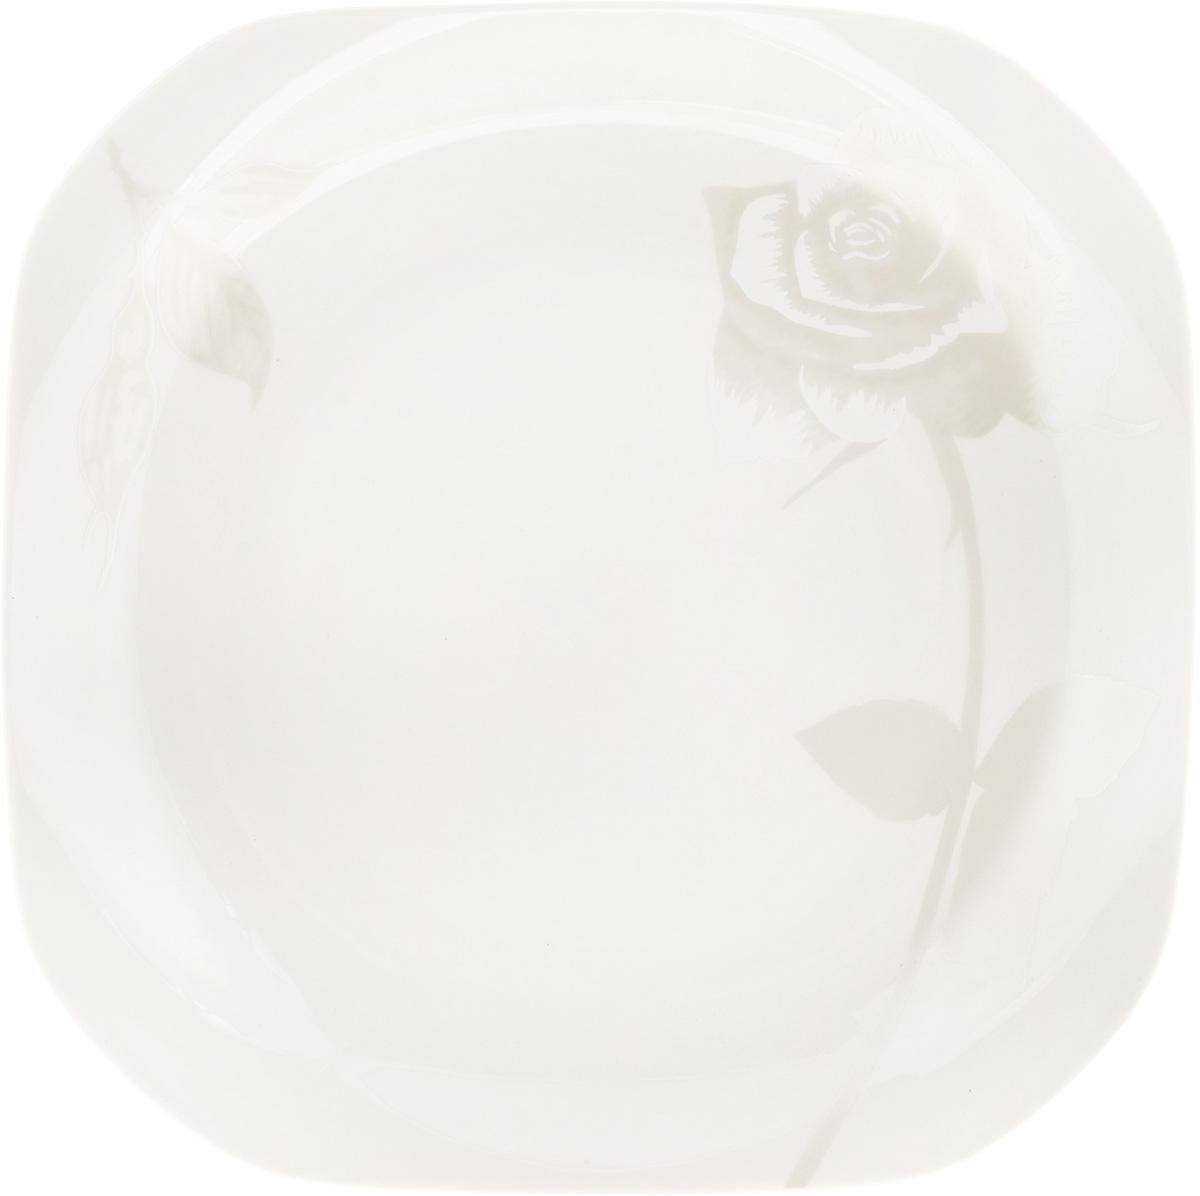 Тарелка подстановочная Жемчужная роза, 23,5 x 23,5 см216691Тарелка Жемчужная роза изготовлена из глазурованного фарфора. Подстановочная тарелка - это особый вид тарелок. Обычно она выполняет исключительно декоративную функцию. Такая тарелка изысканно украсит сервировку как обеденного, так и праздничного стола. Размер тарелки: 23,5 x 23,5 см.